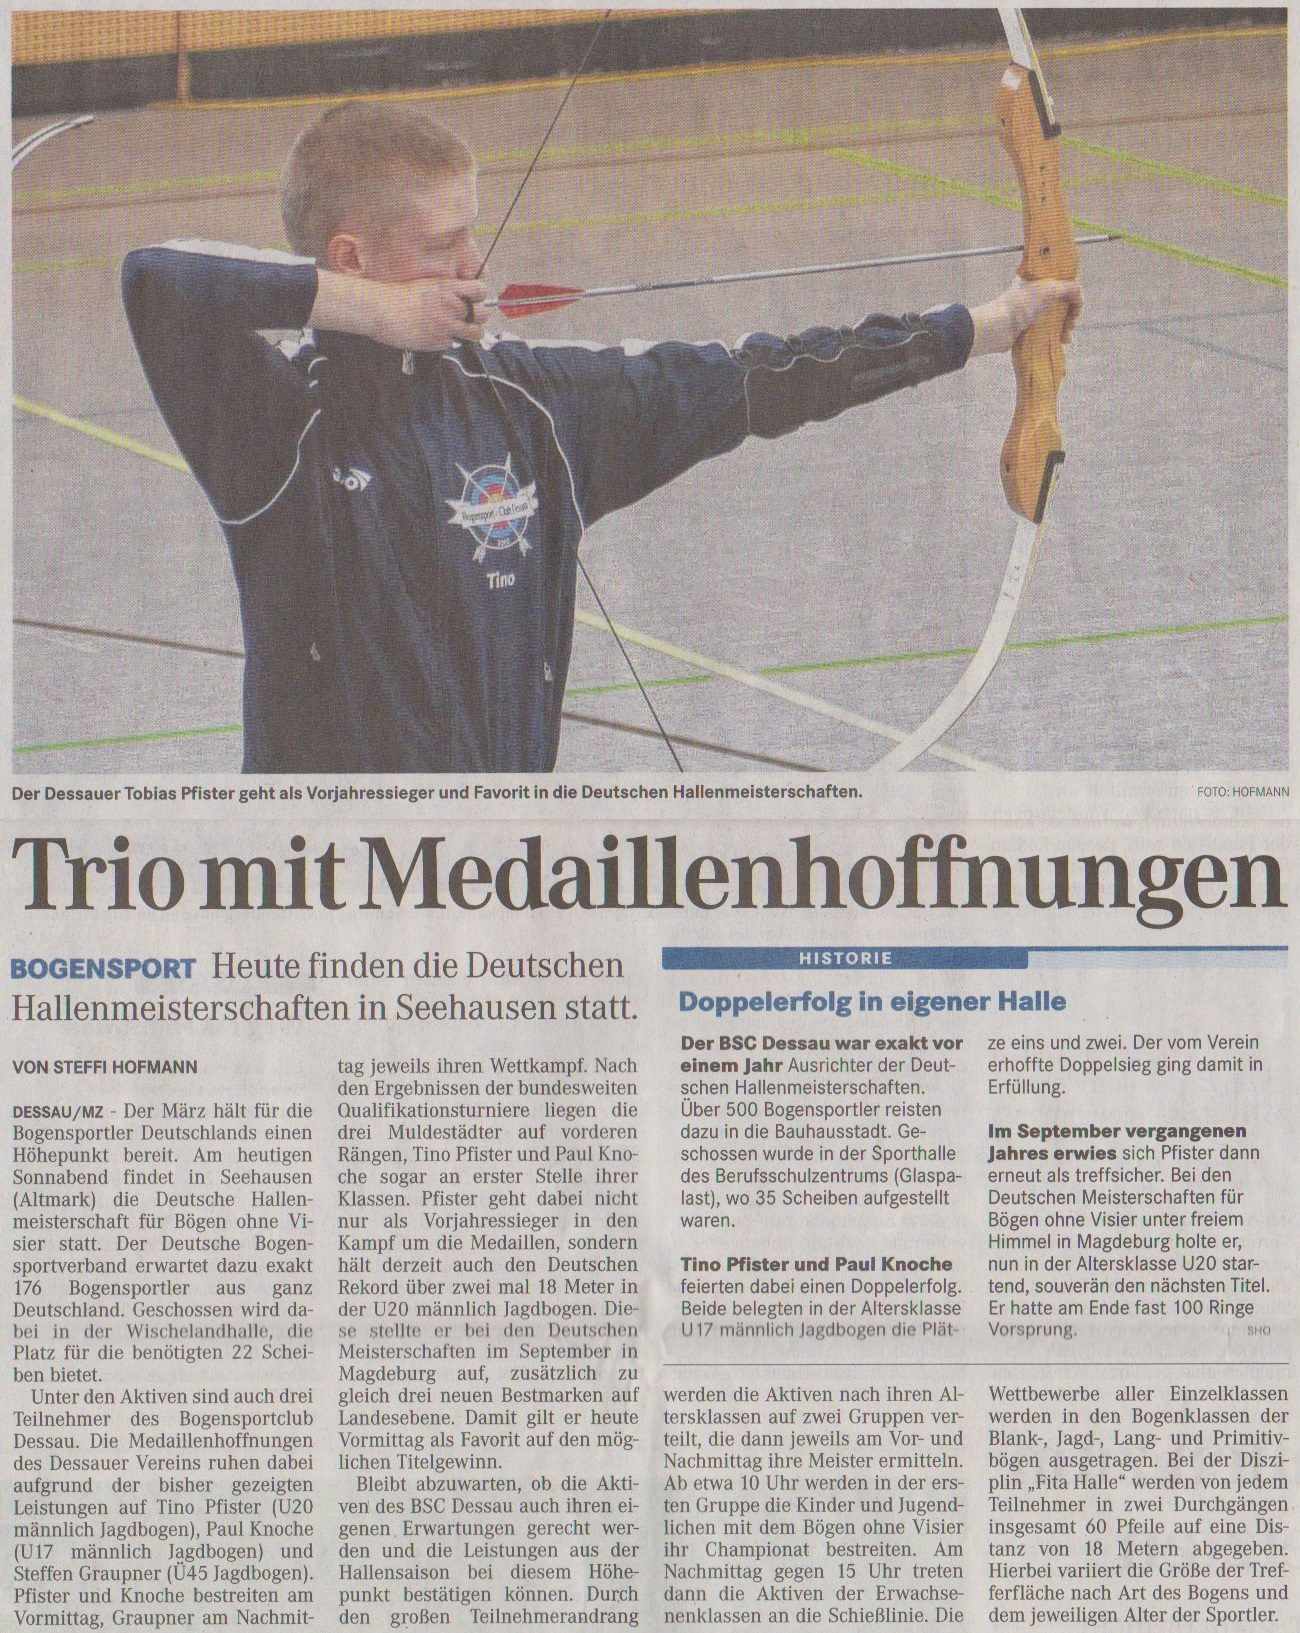 Ankündigung DM Fita Halle Bögen ohne Visier – Mitteldeutsche Zeitung vom 23.03.2013